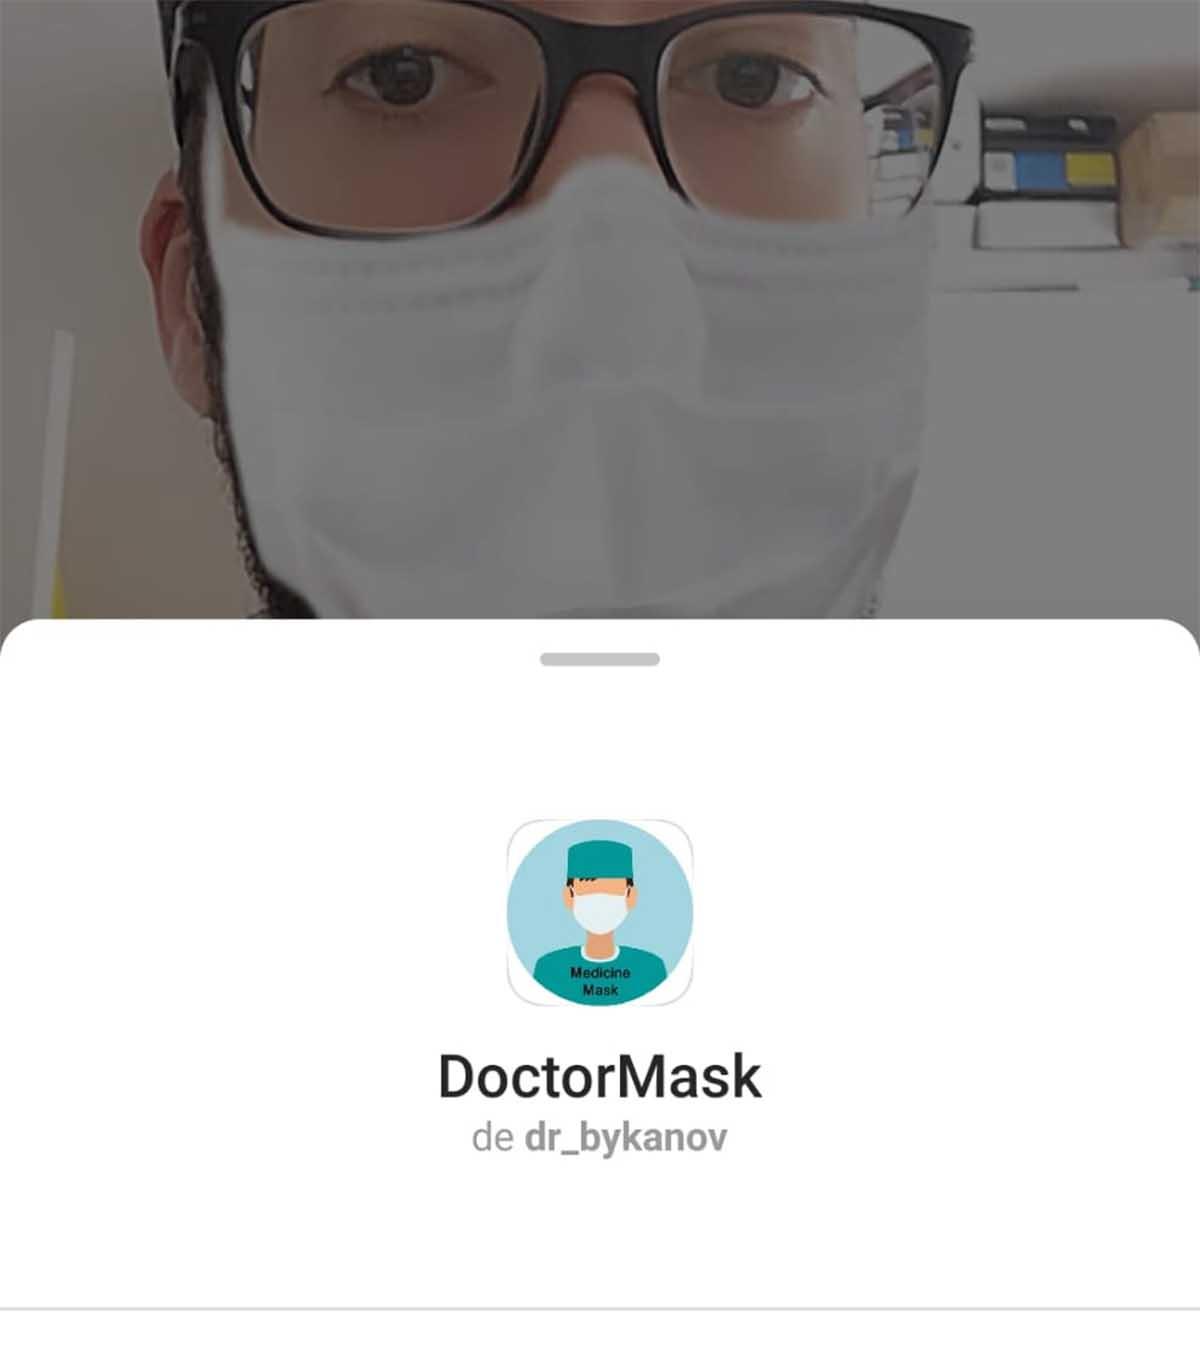 La mascarilla de Instagram Stories que todo el mundo usa con el Coronavirus